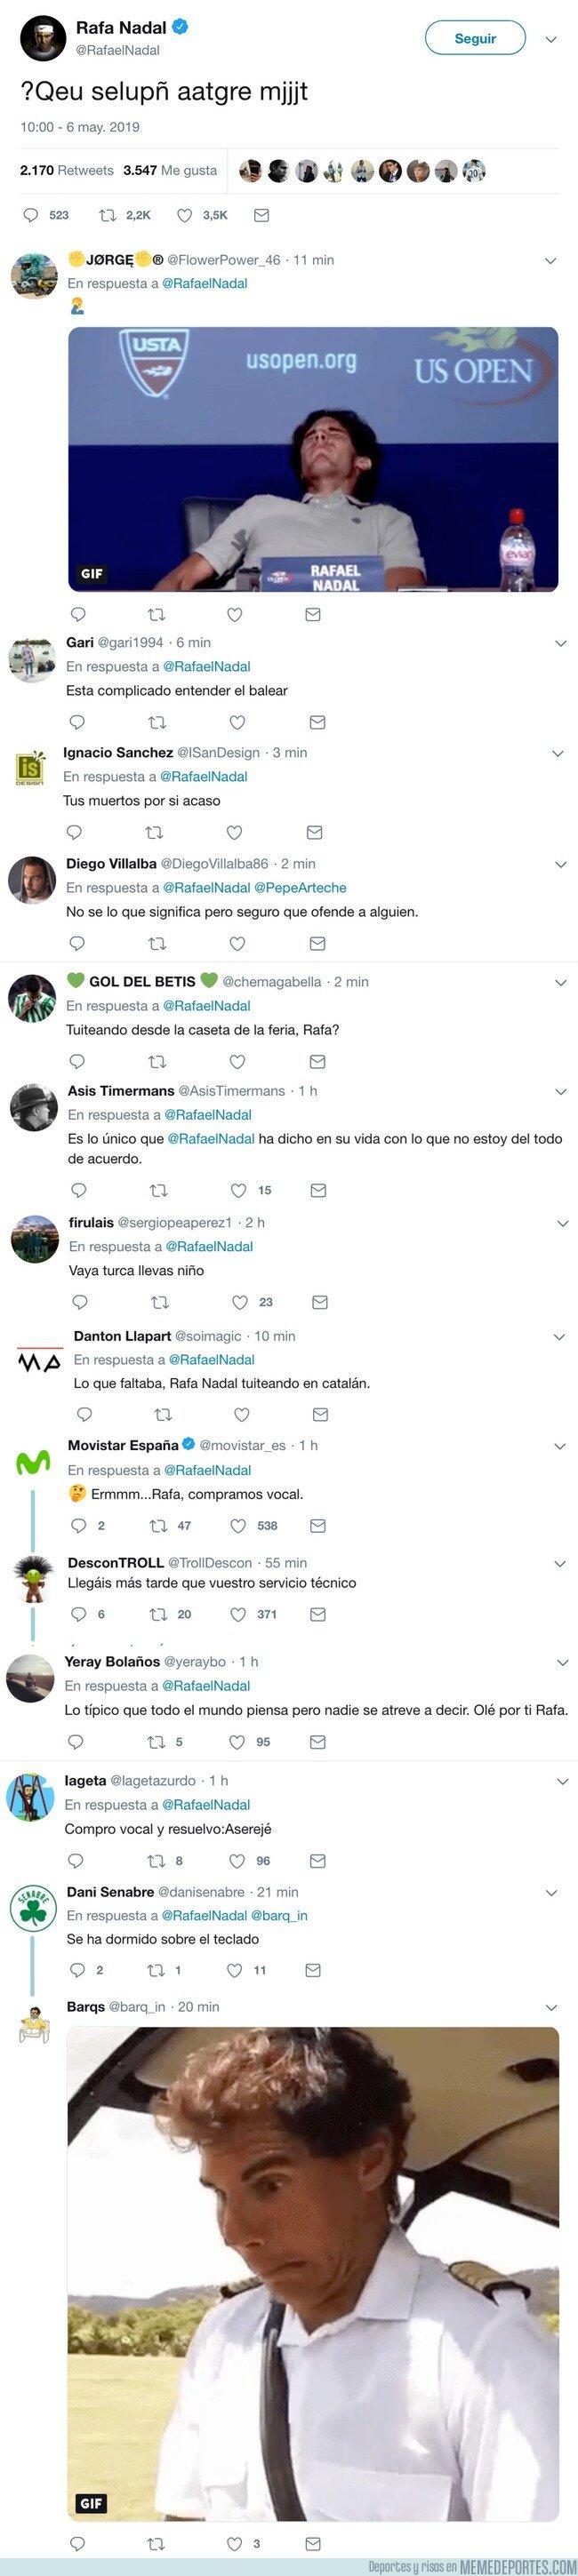 1073657 - Rafa Nadal sube esto a twitter... y hay varias teorías